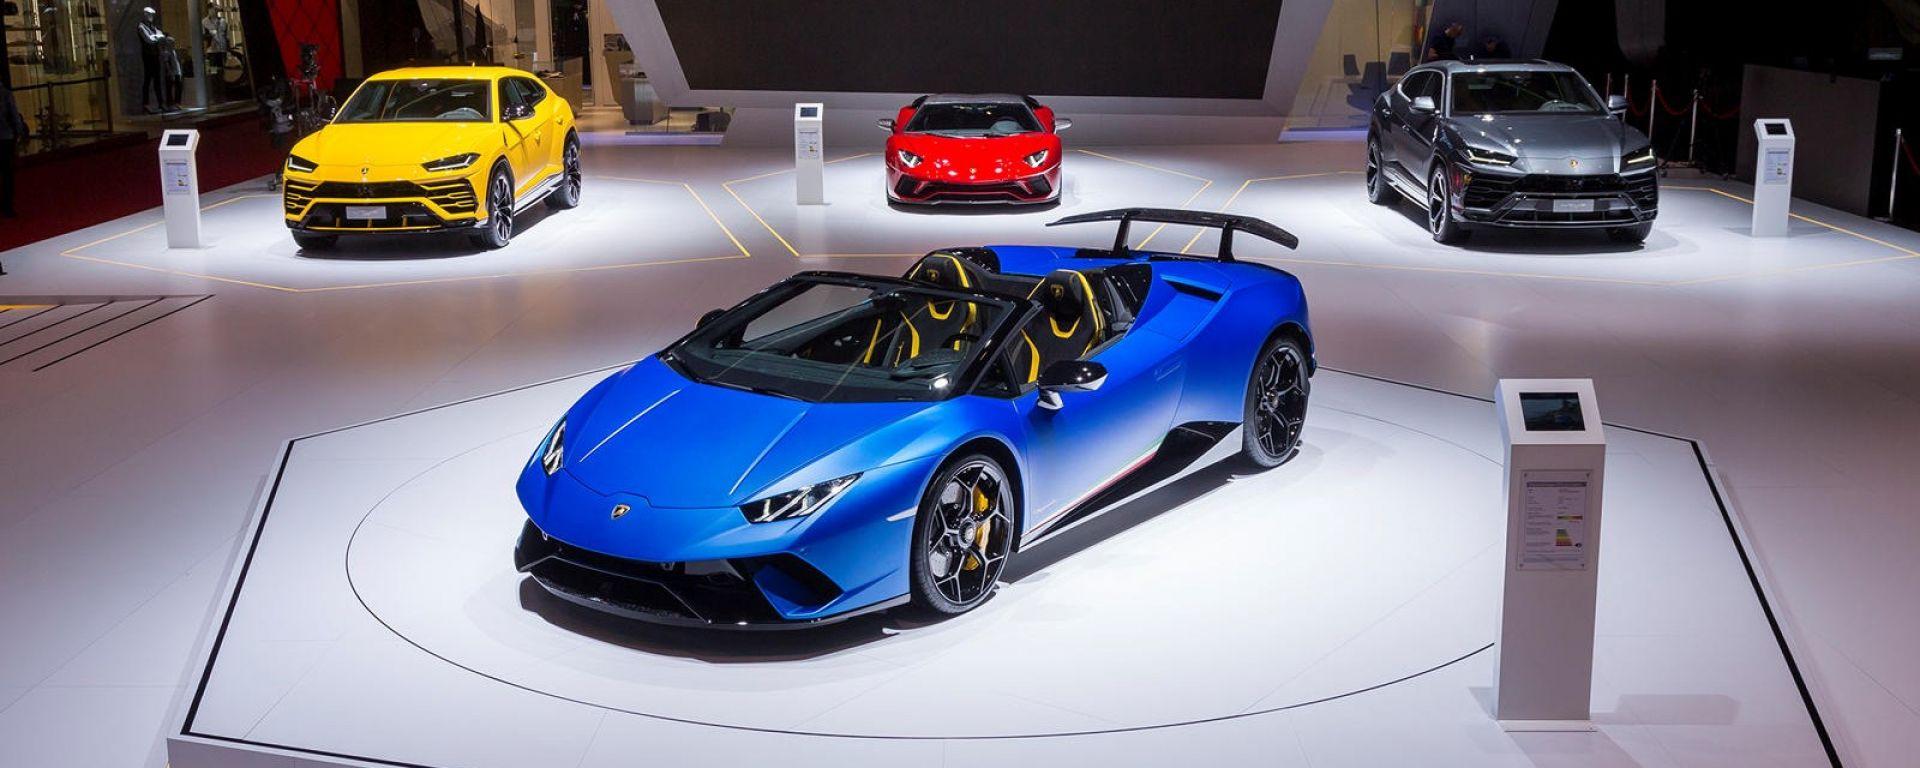 Lamborghini: la prima ibrida plug-in arriverà nel 2021